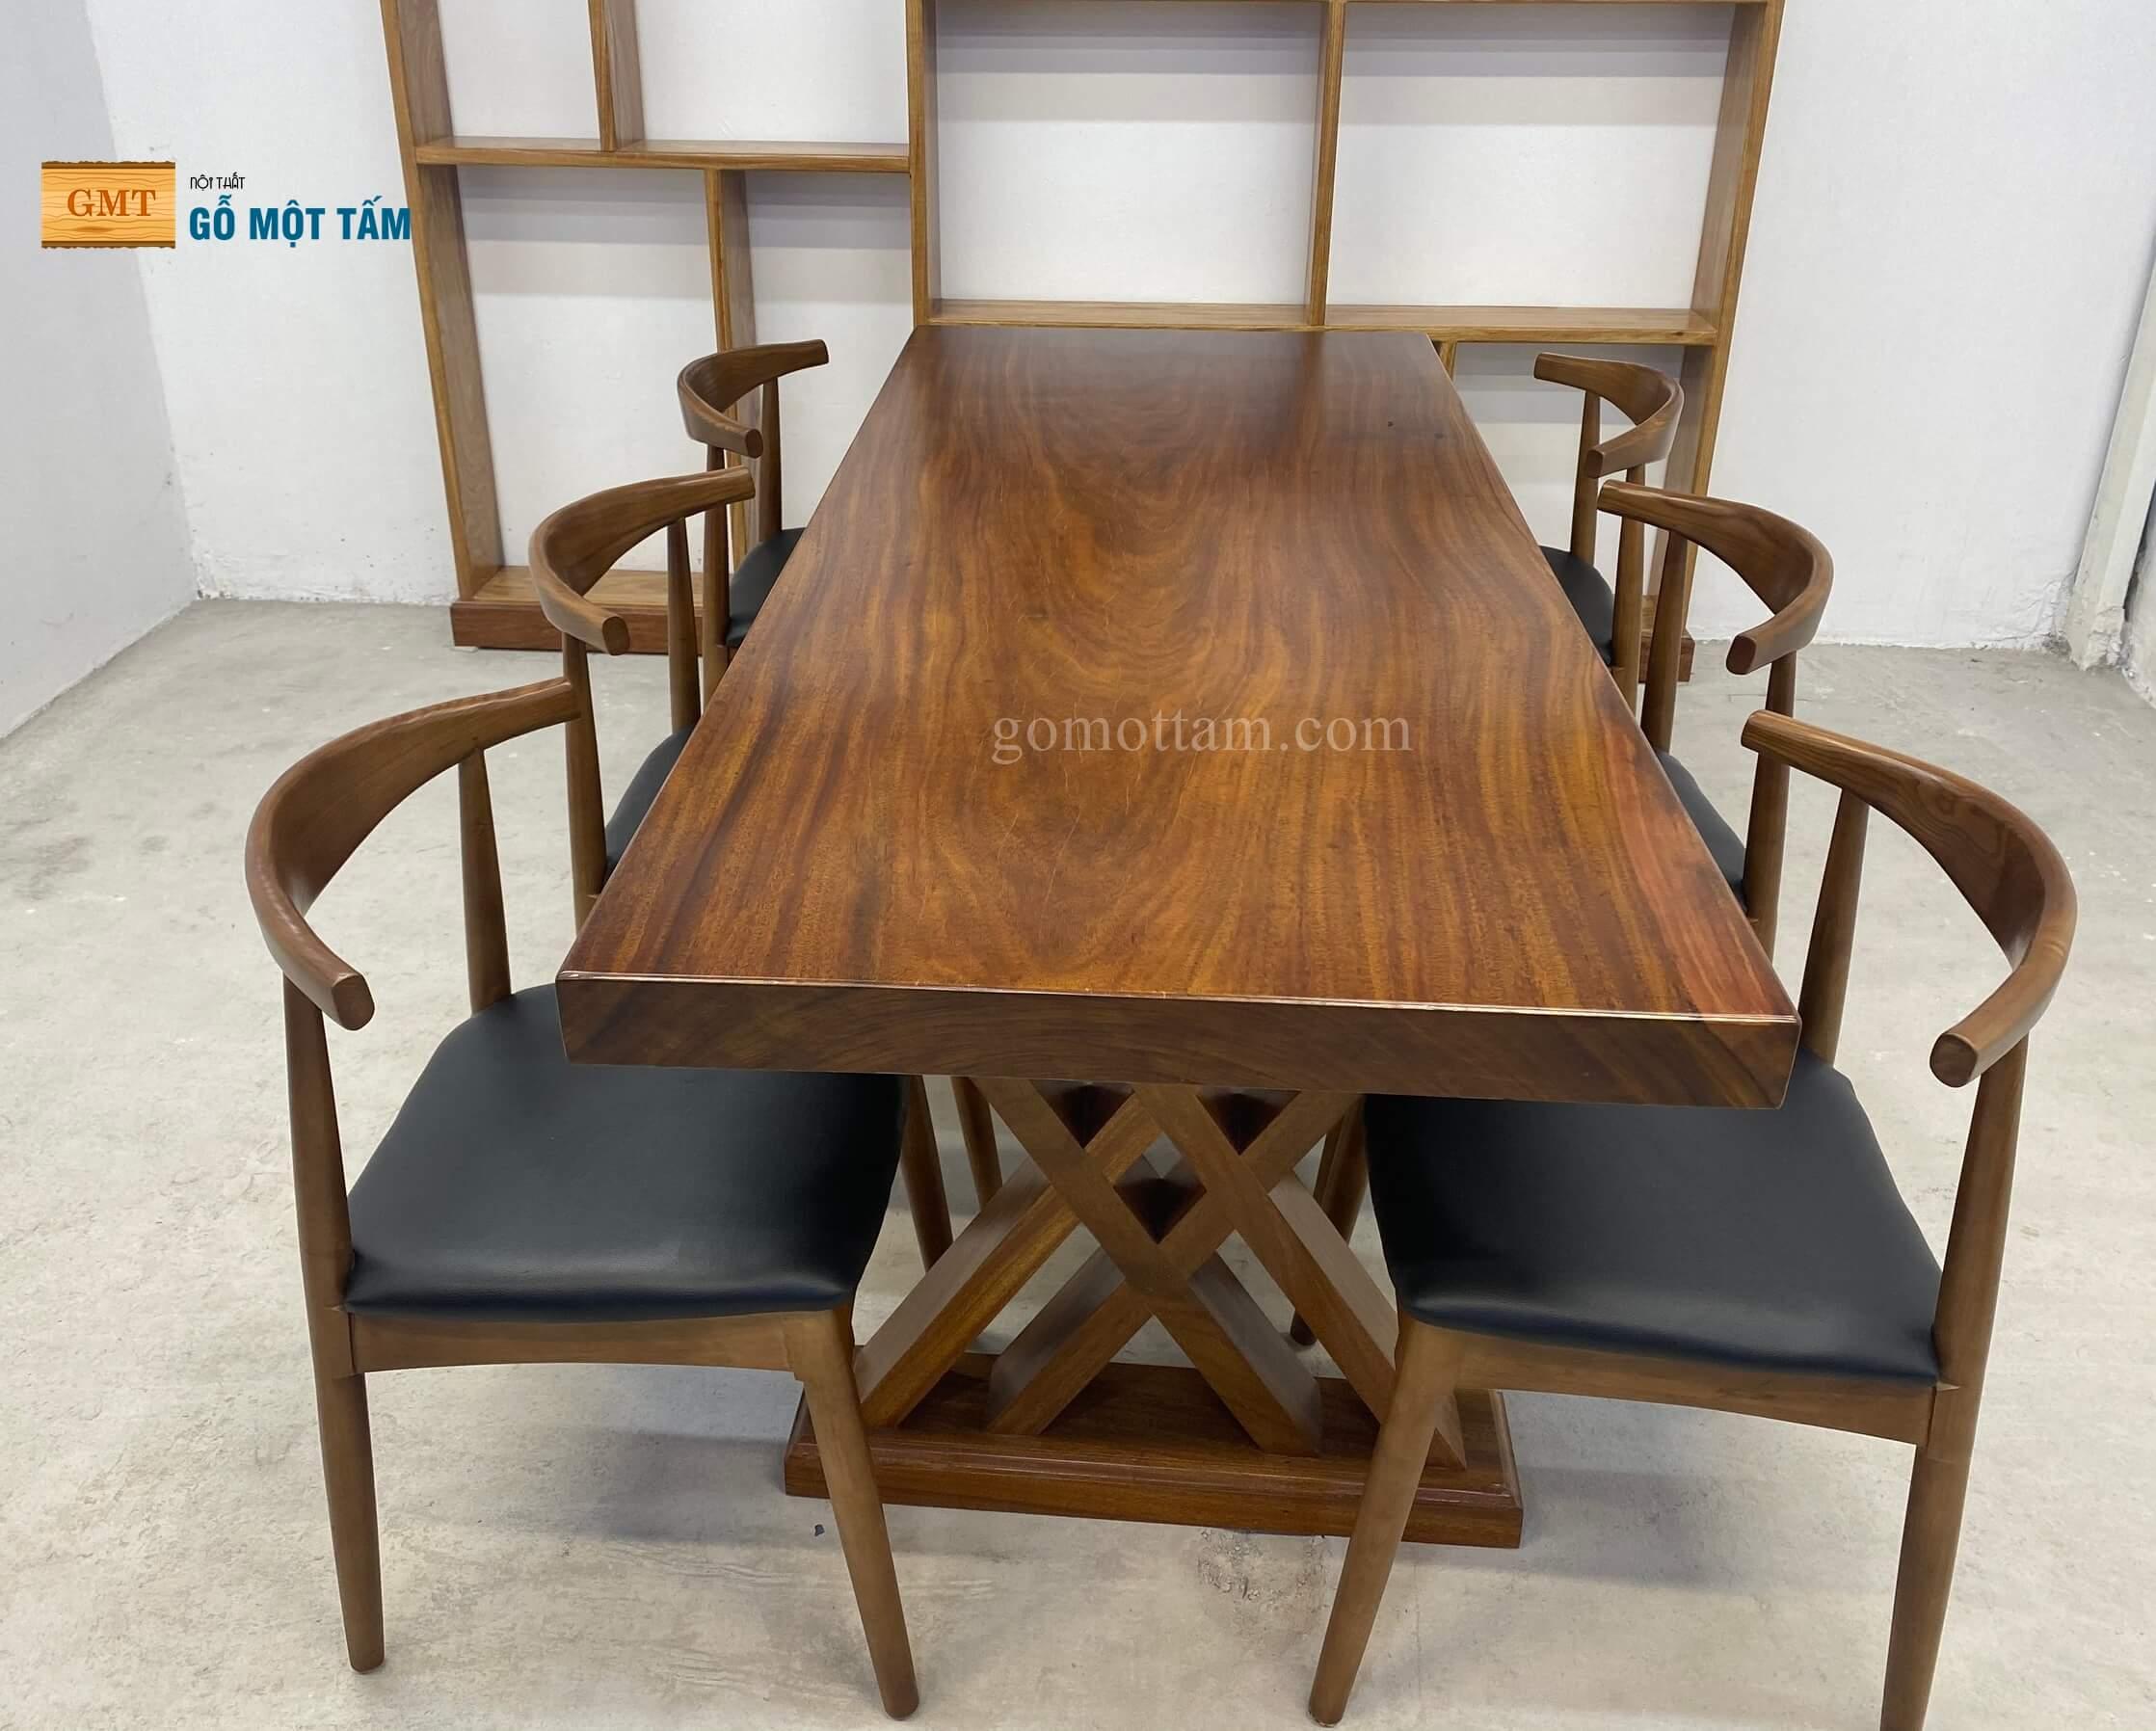 bộ bàn ăn gỗ lim nguyên khối 3